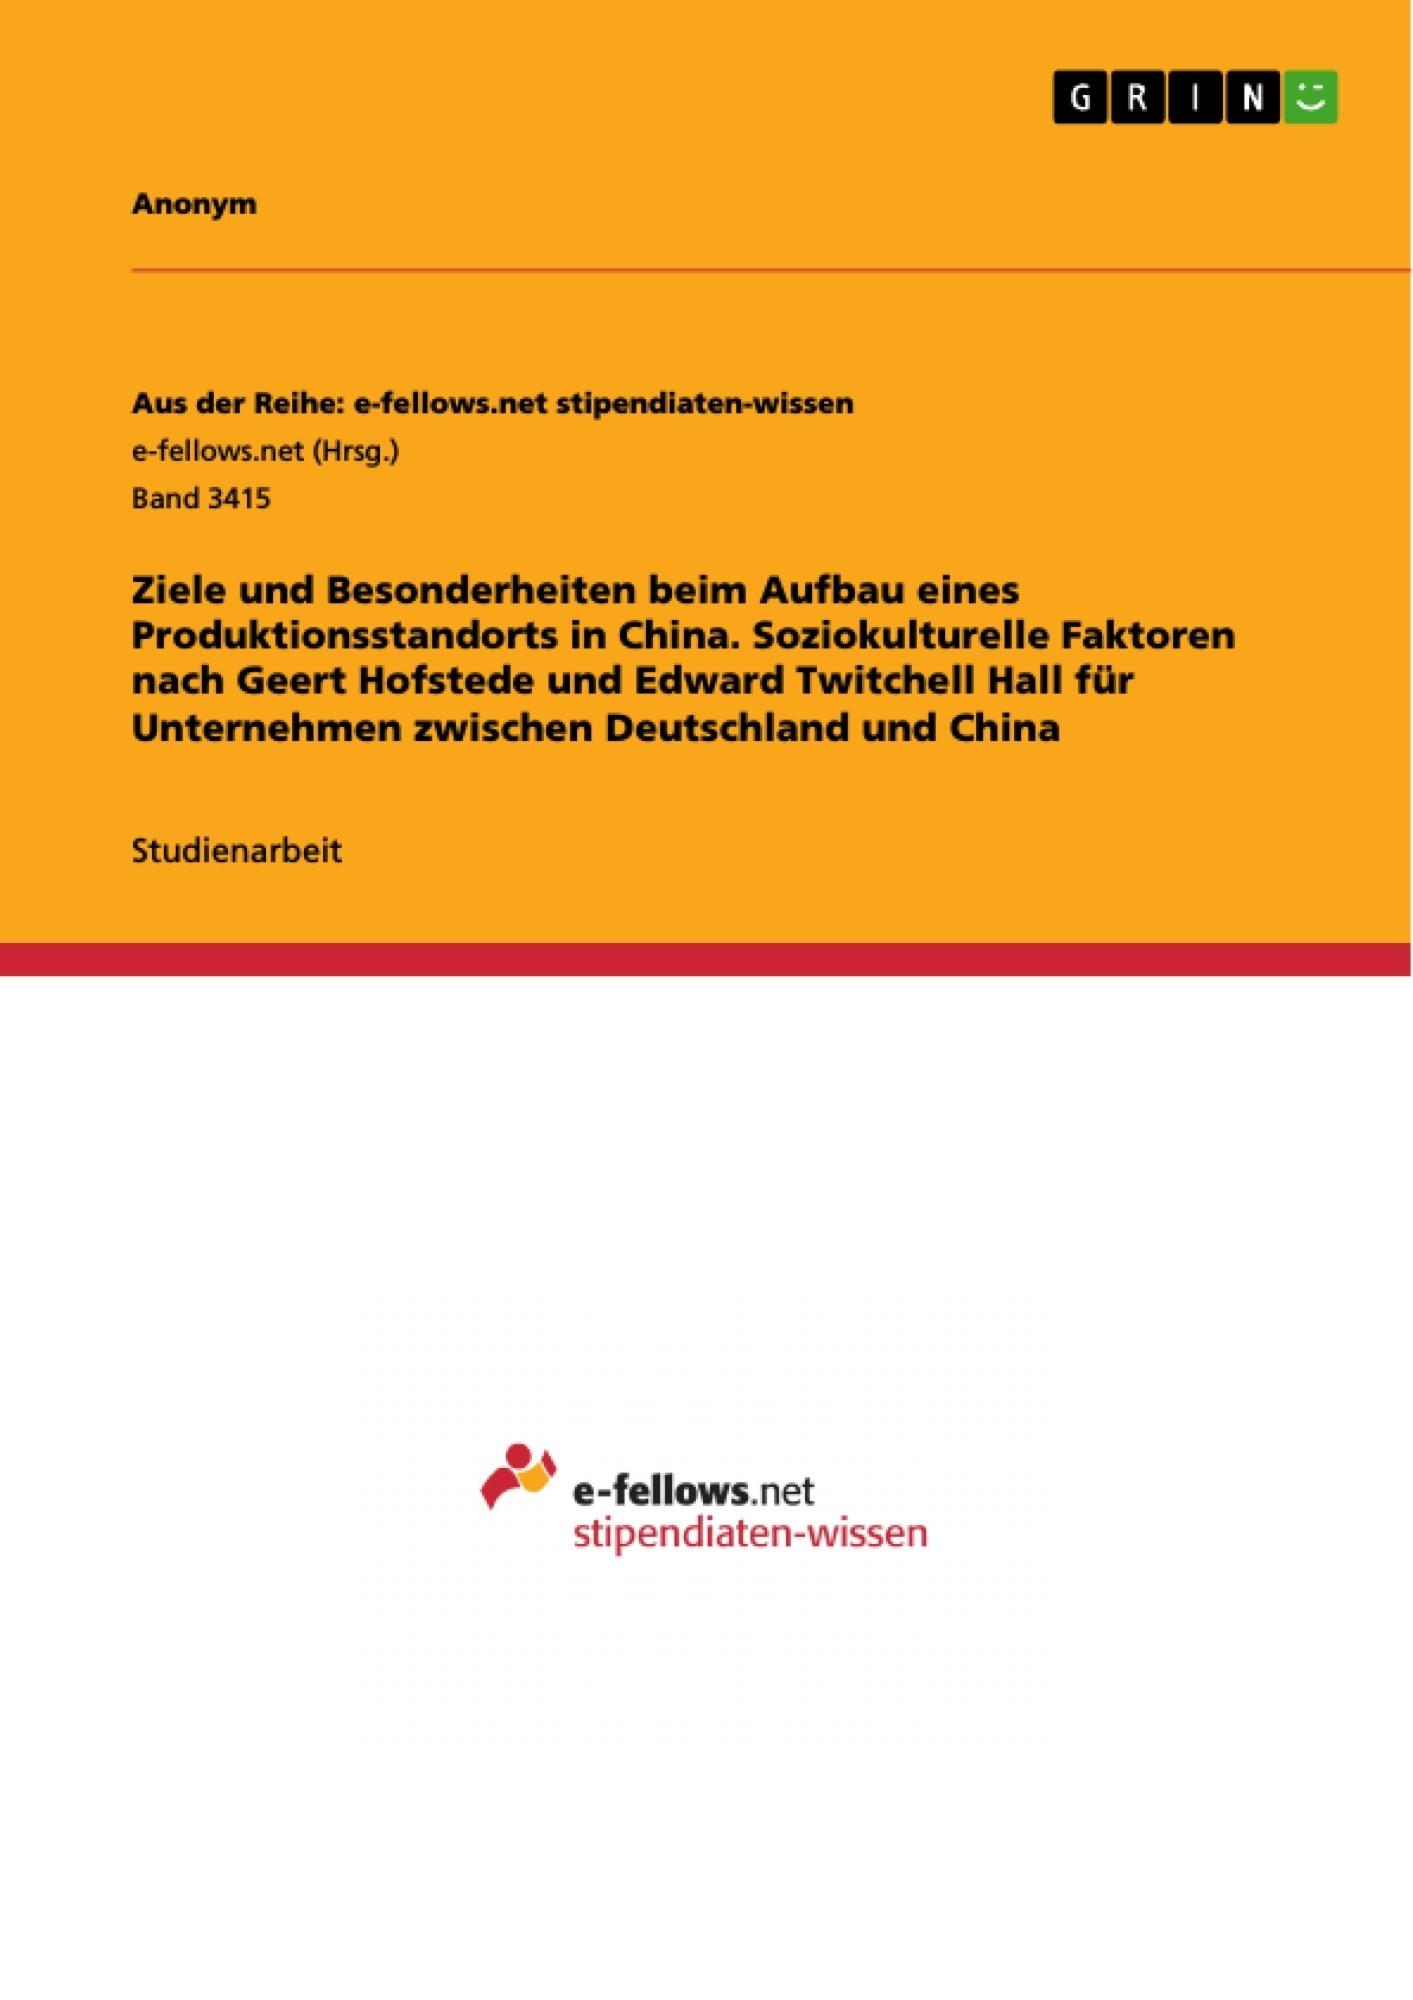 Titel: Ziele und Besonderheiten beim Aufbau eines Produktionsstandorts in China. Soziokulturelle Faktoren nach Geert Hofstede und Edward Twitchell Hall für Unternehmen zwischen Deutschland und China